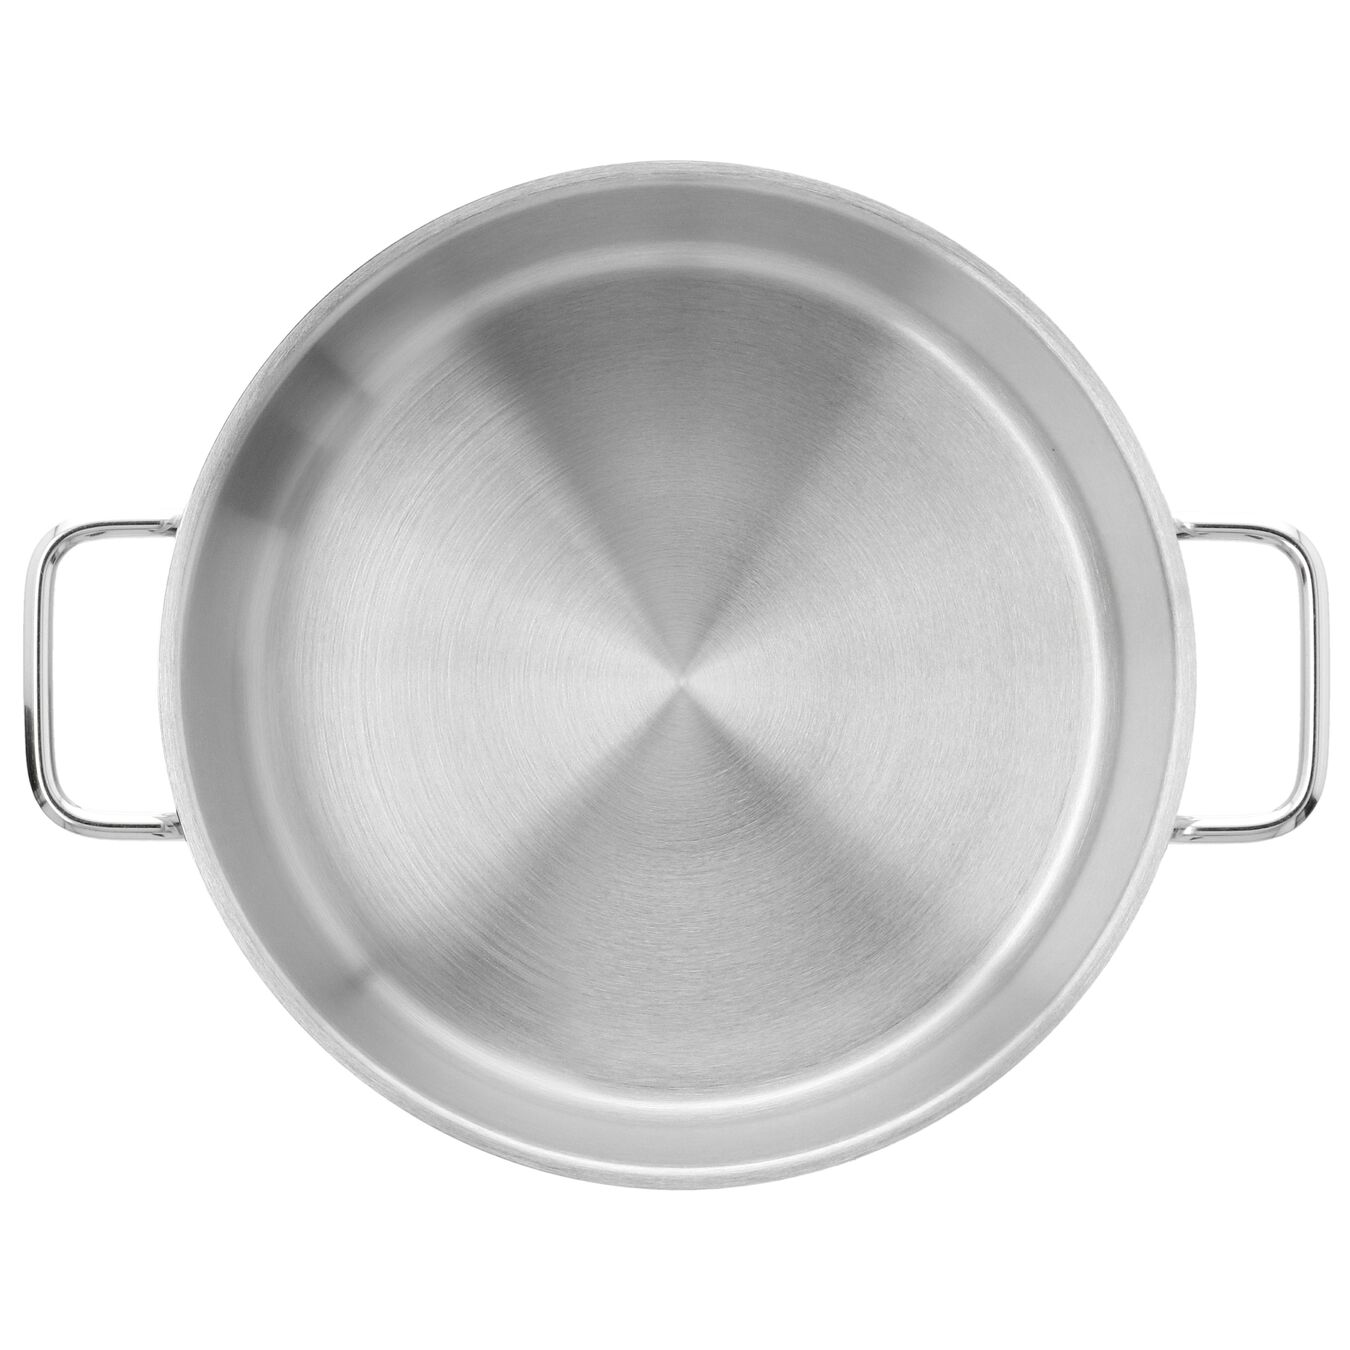 Casseruola senza coperchio - 24 cm, 18/10 acciaio inossidabile,,large 2